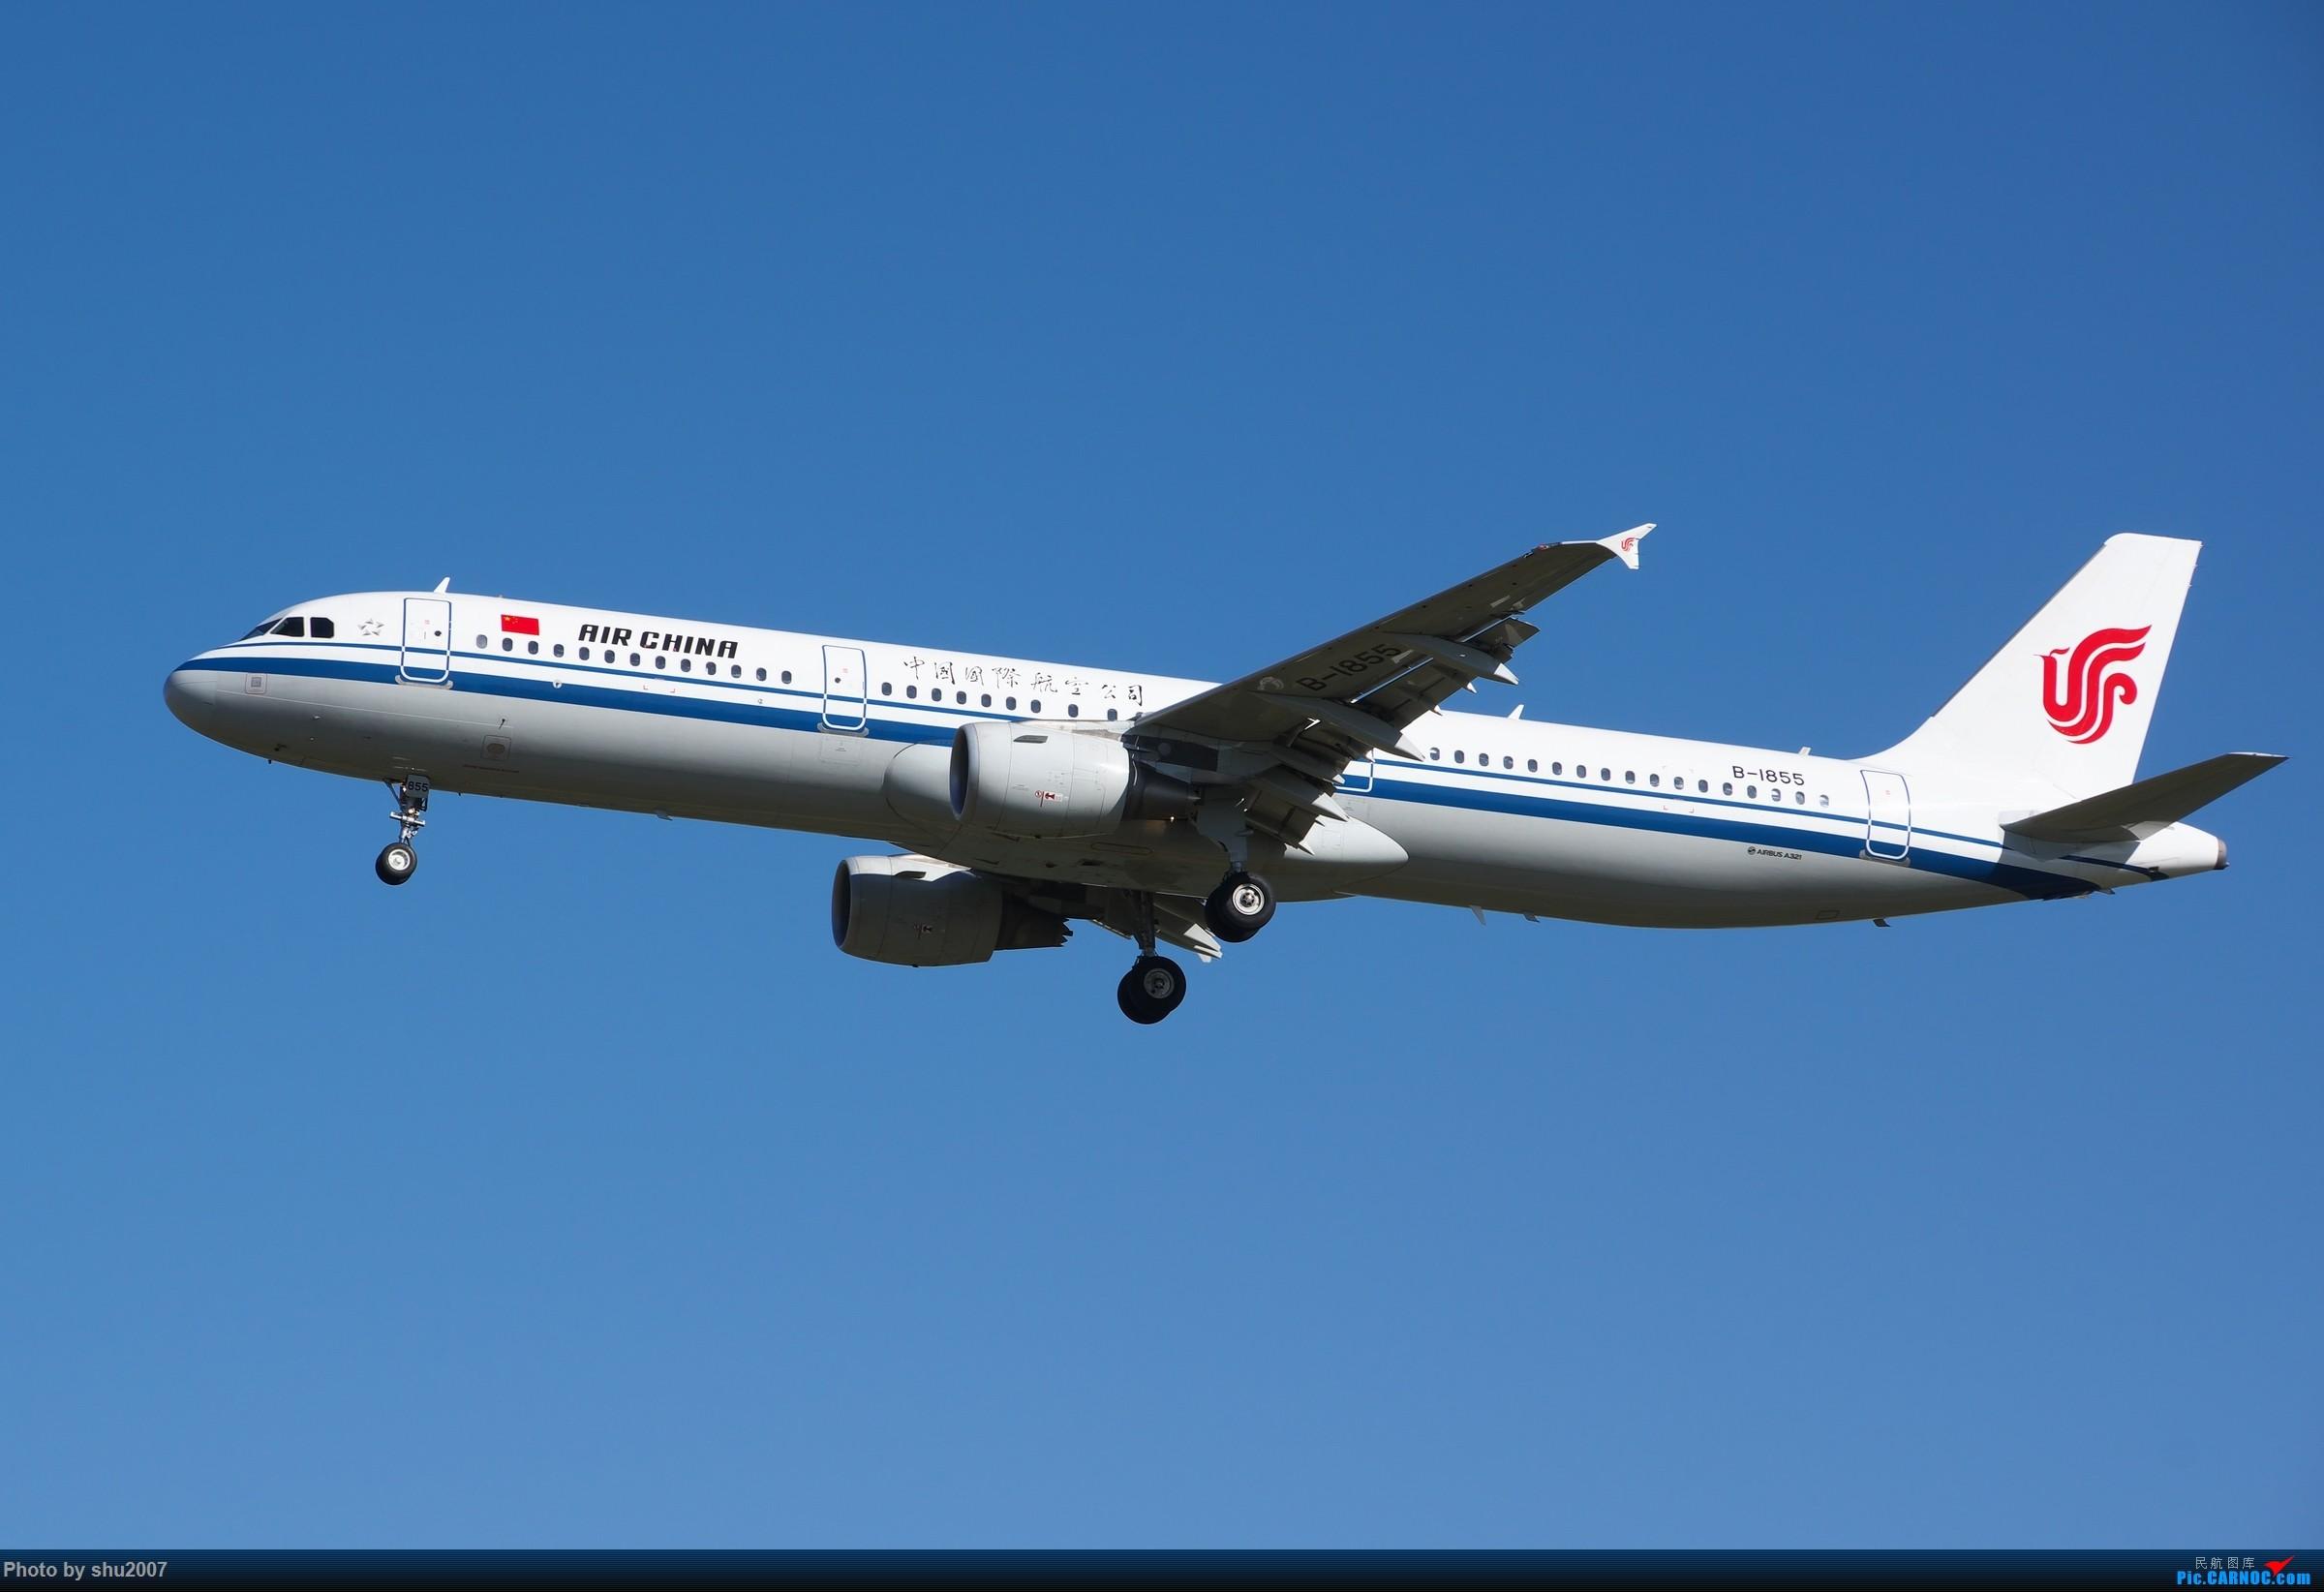 Re:[原创]雾霾过后难得的好天气 AIRBUS A321-200 B-1855 中国北京首都国际机场